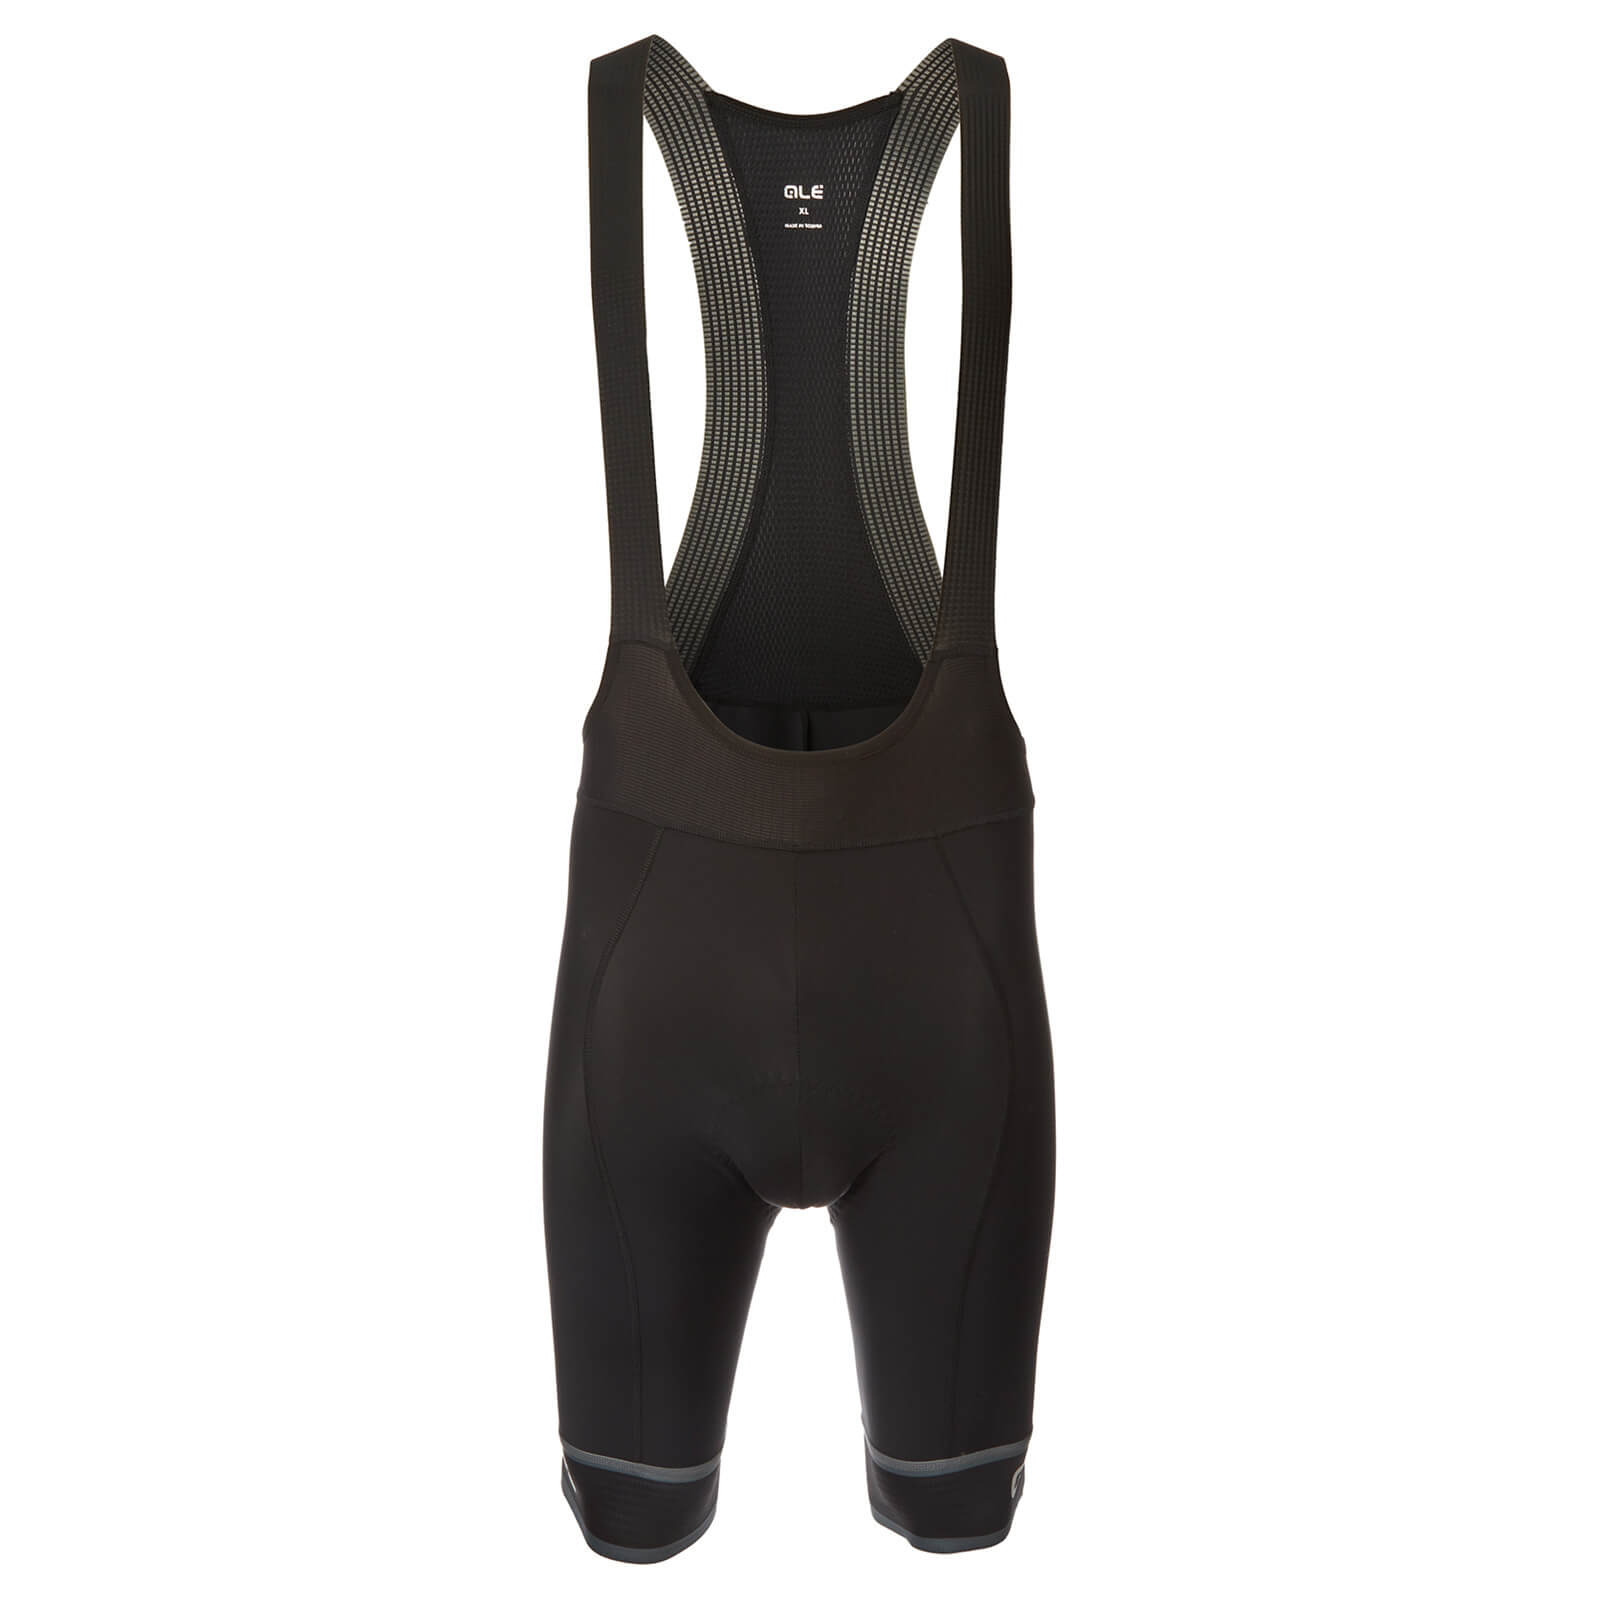 Alé Sella Bib Shorts - XL - Black/White